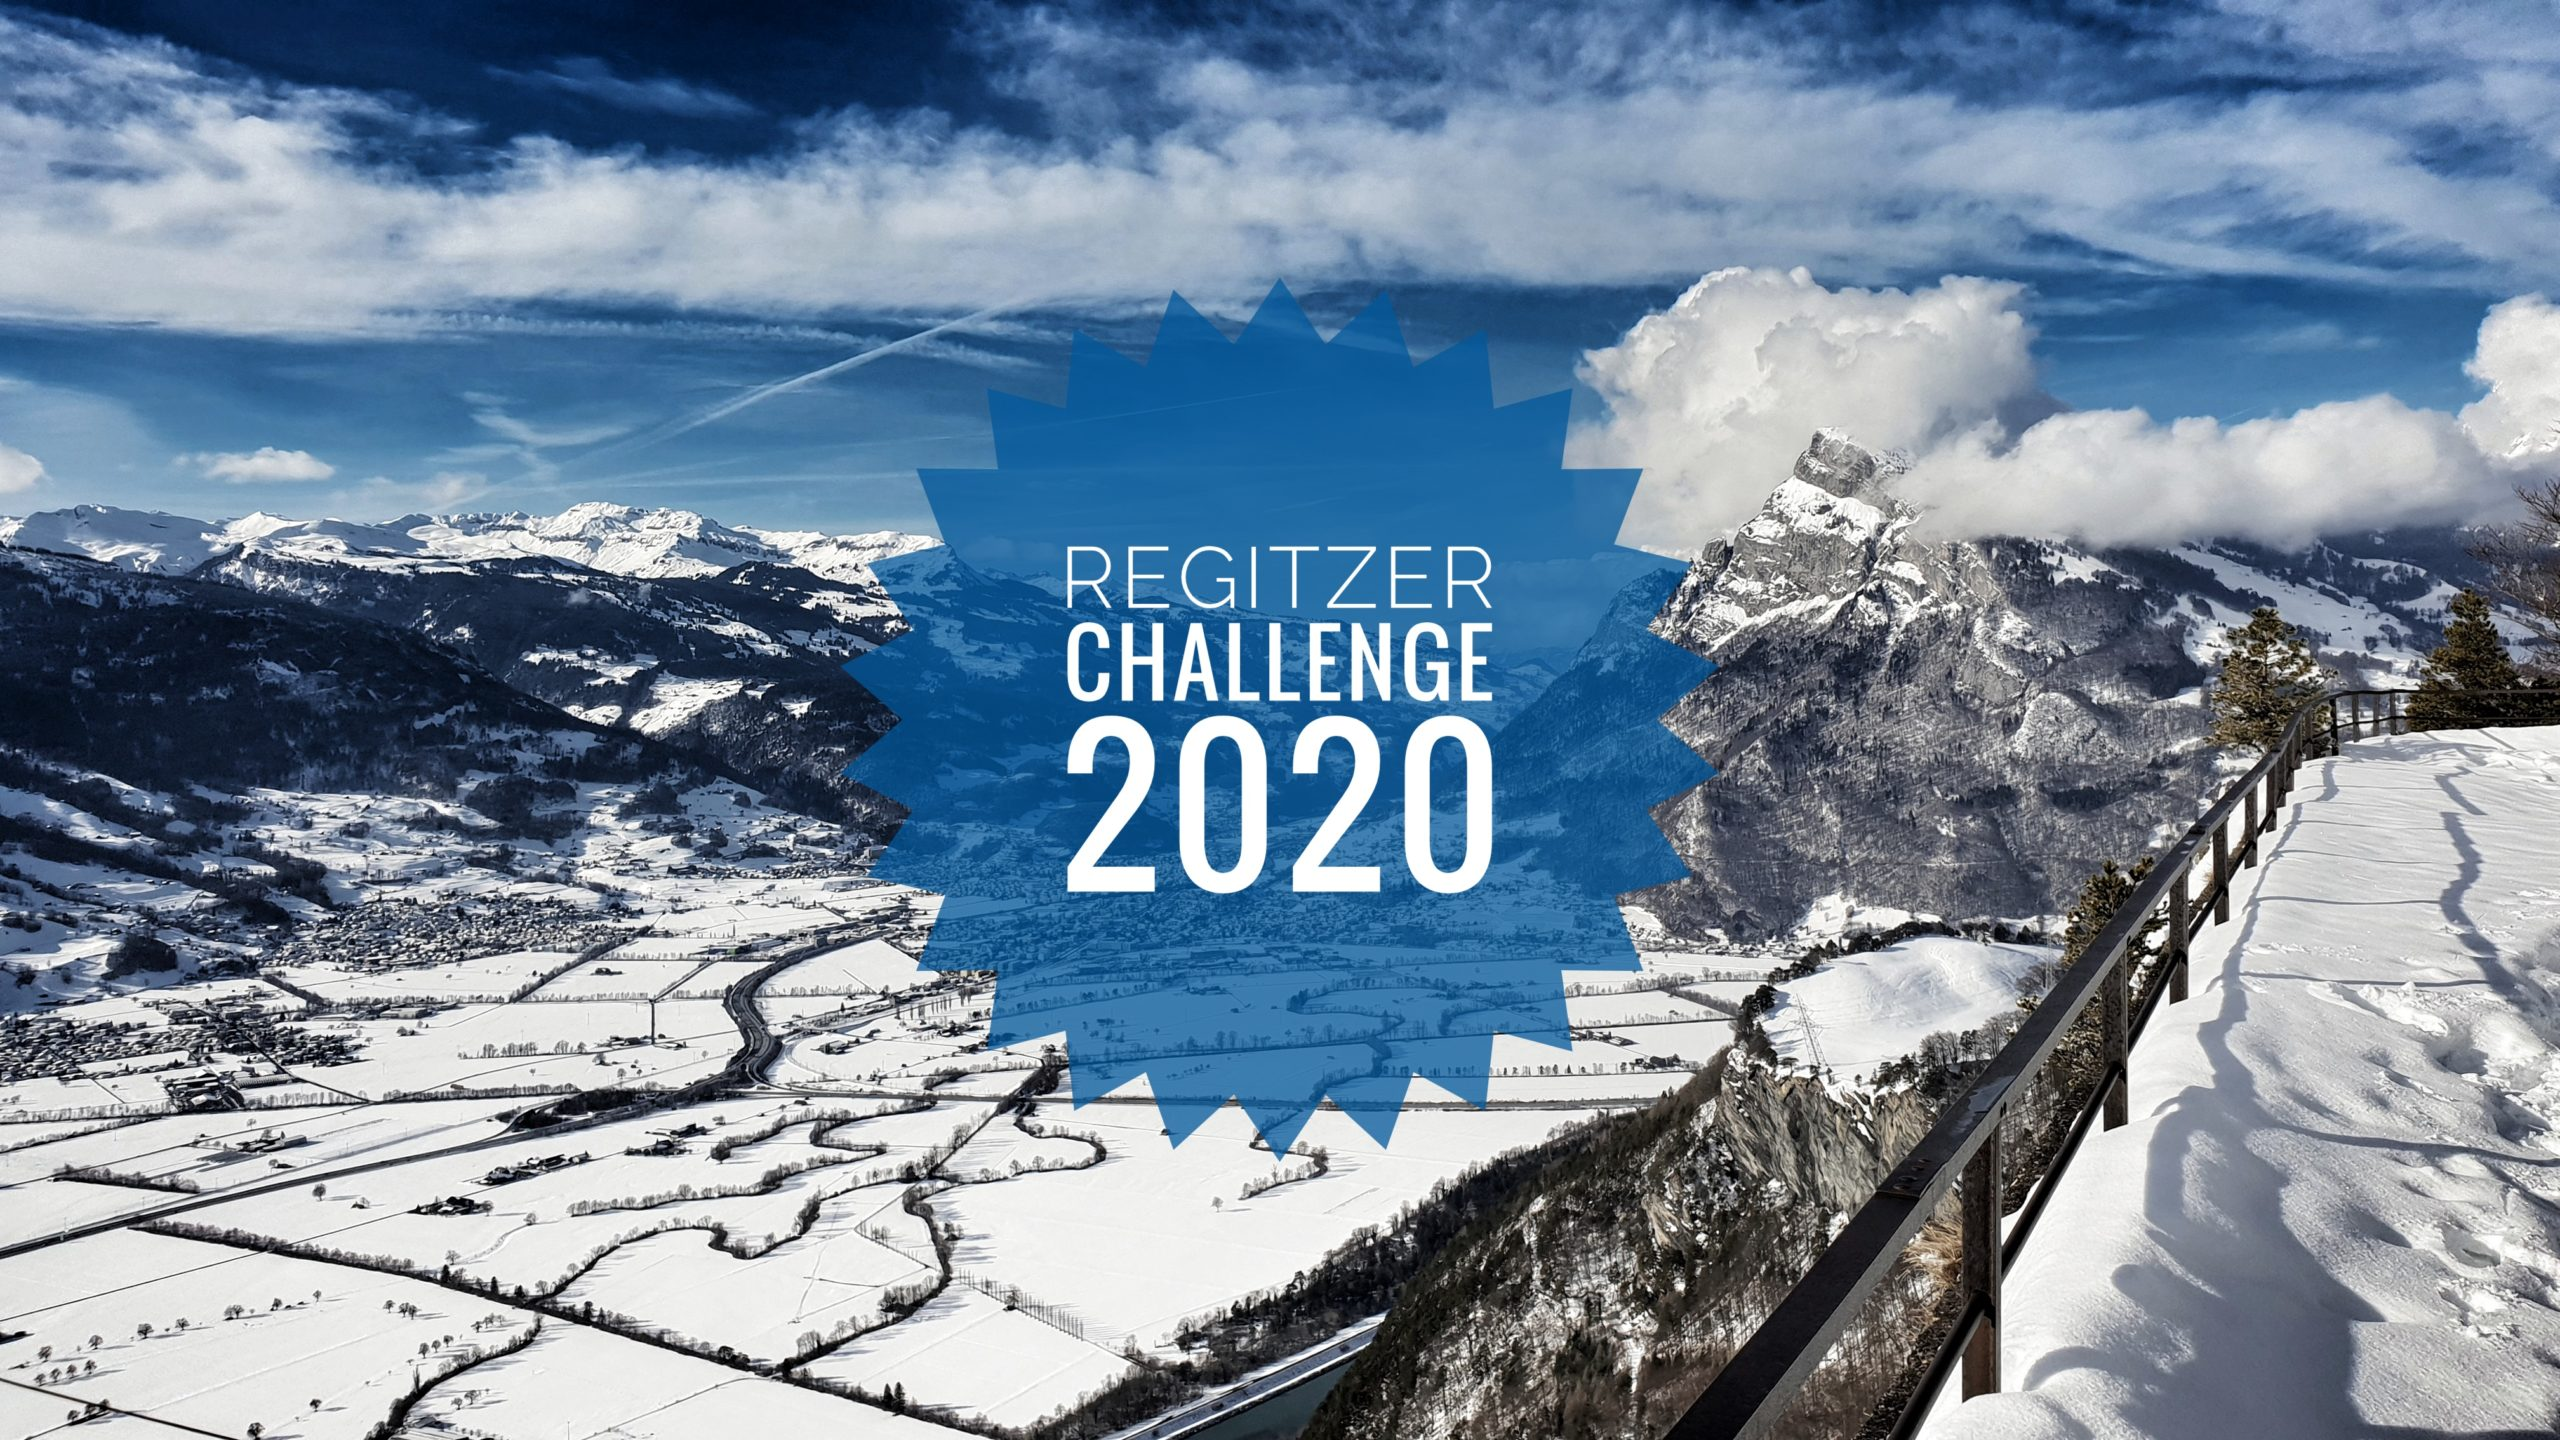 Regitzer Challenge 2020